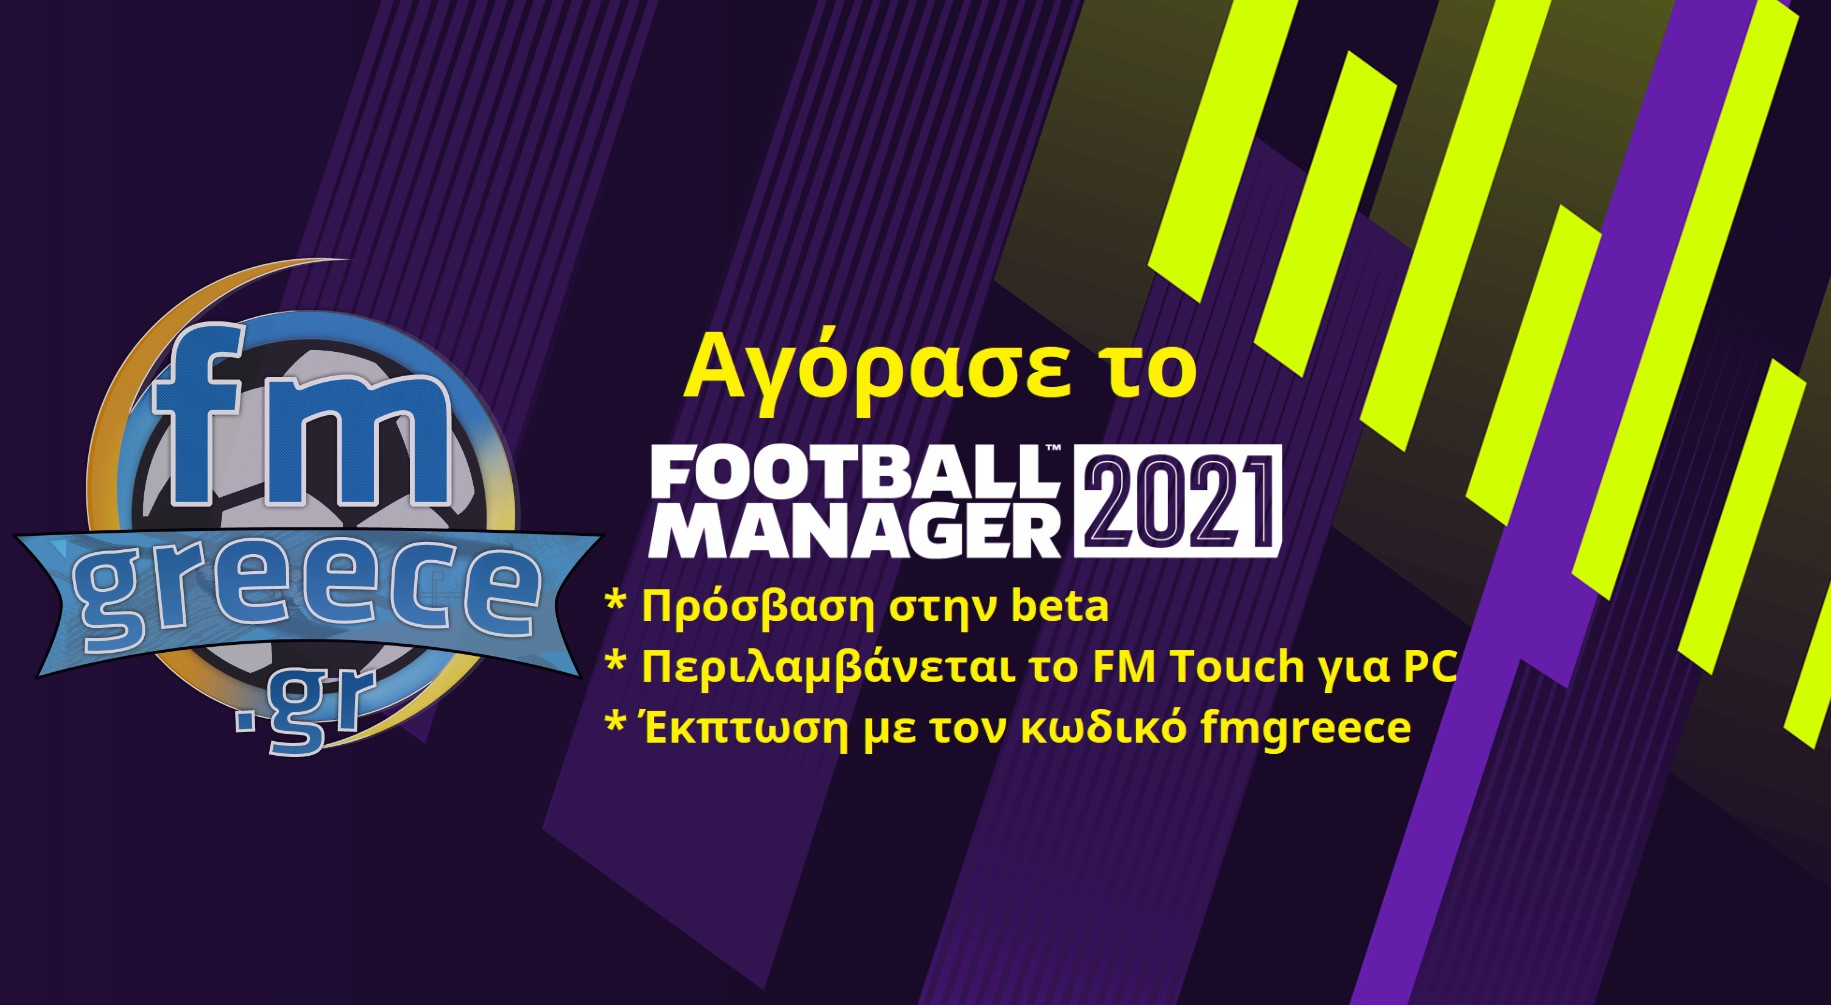 Προπαράγγειλε το Football Manager 2021 τώρα!